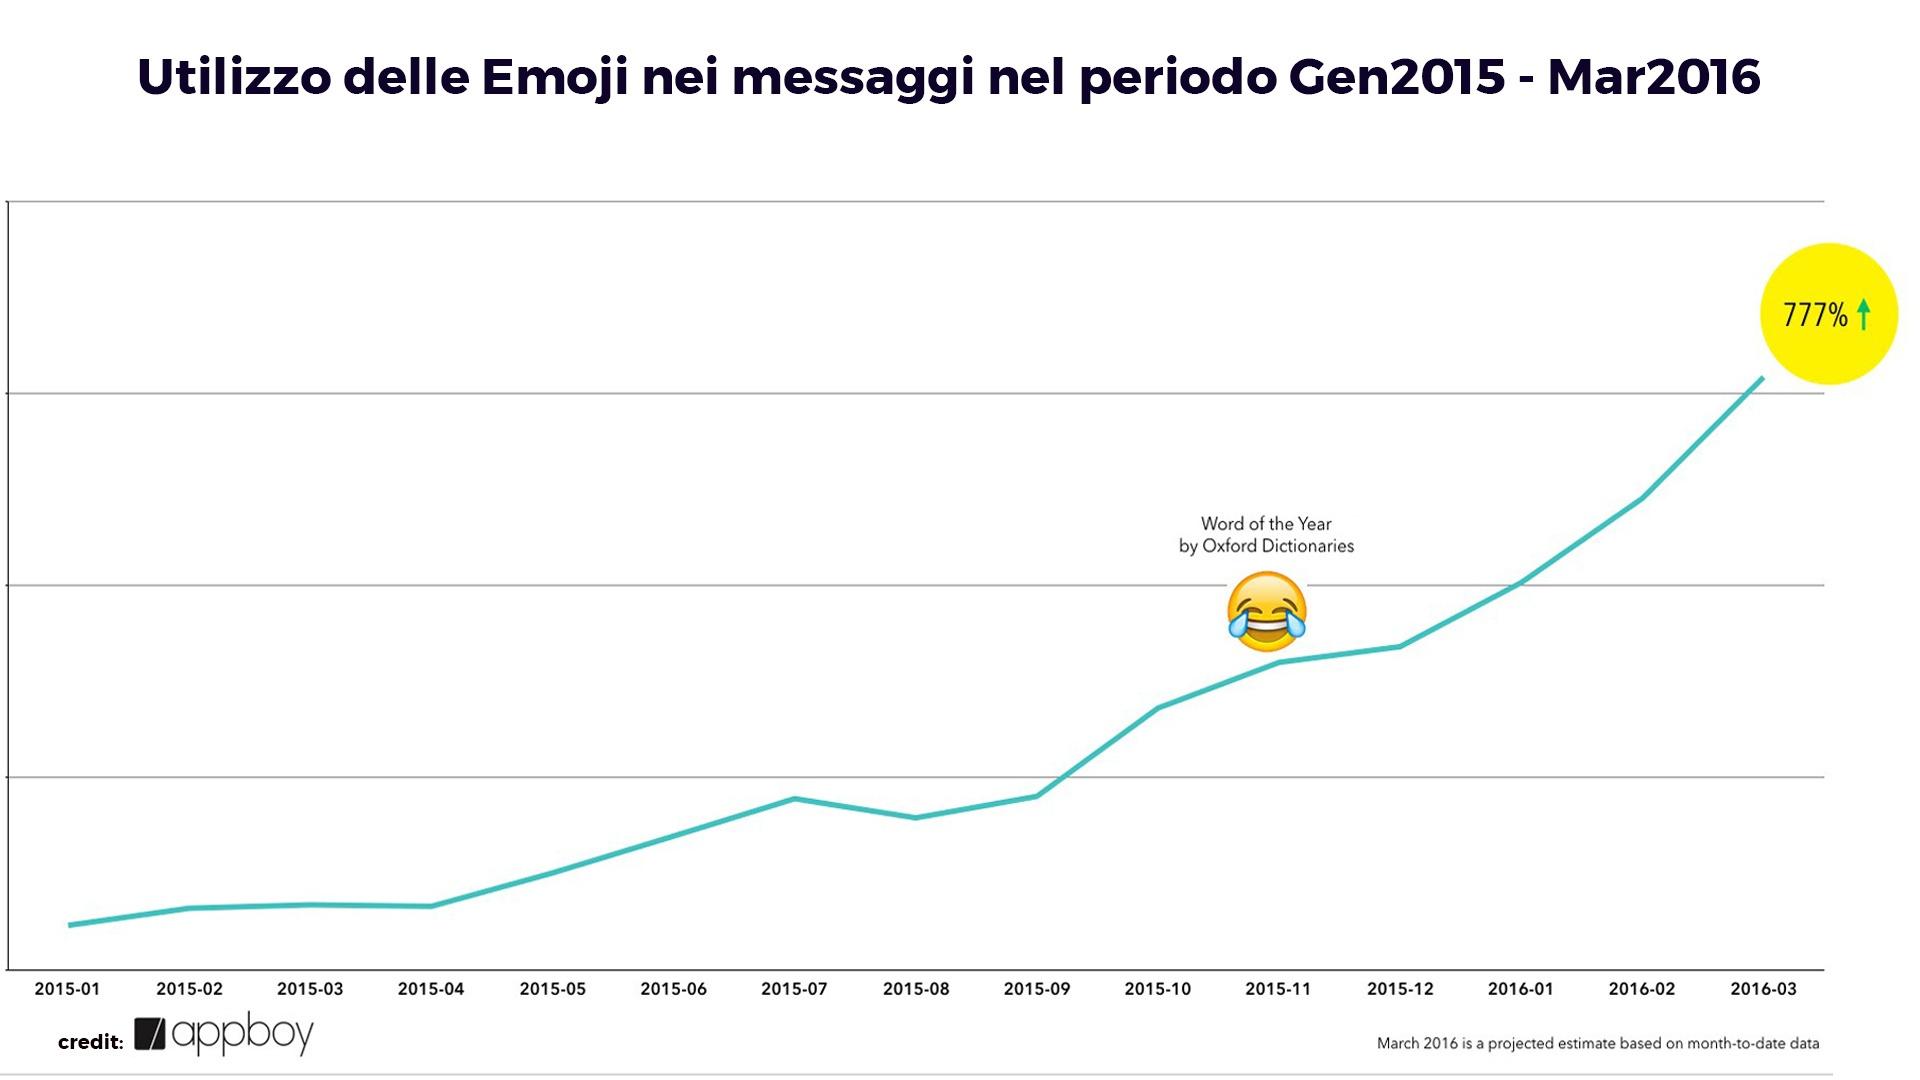 emoji-usage-message-appboy